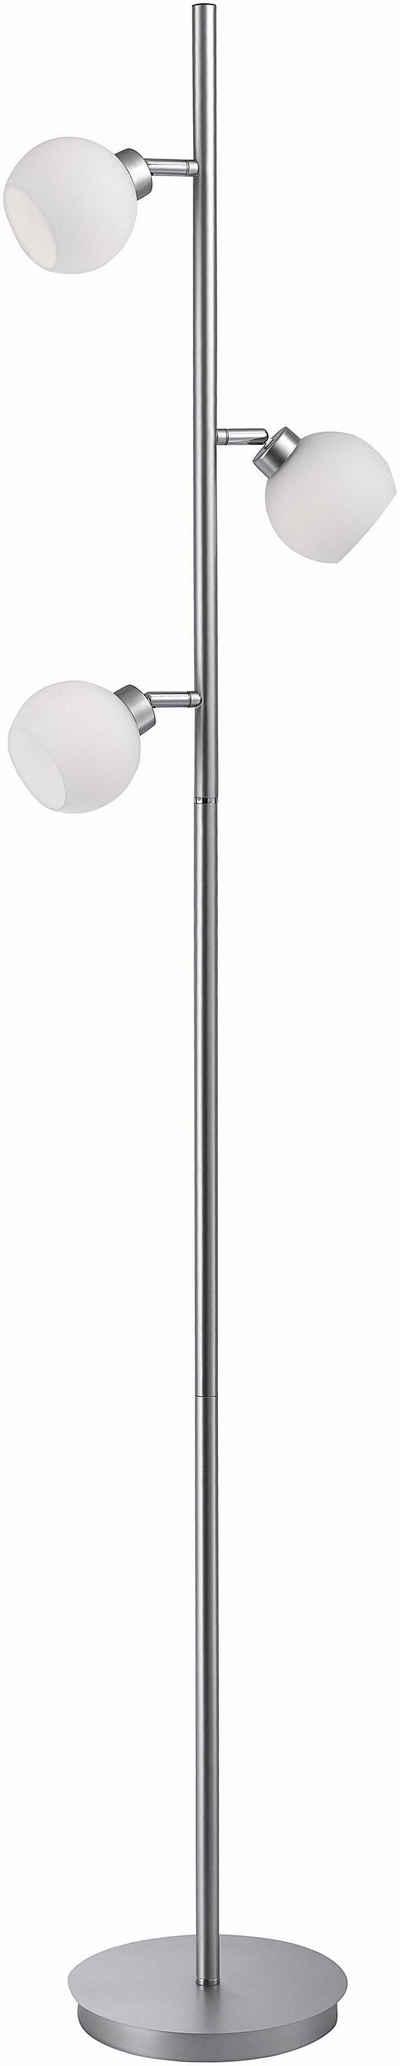 Stehlampen online kaufen moderne stehleuchten otto leuchten direkt stehleuchte 3flg lotta parisarafo Choice Image